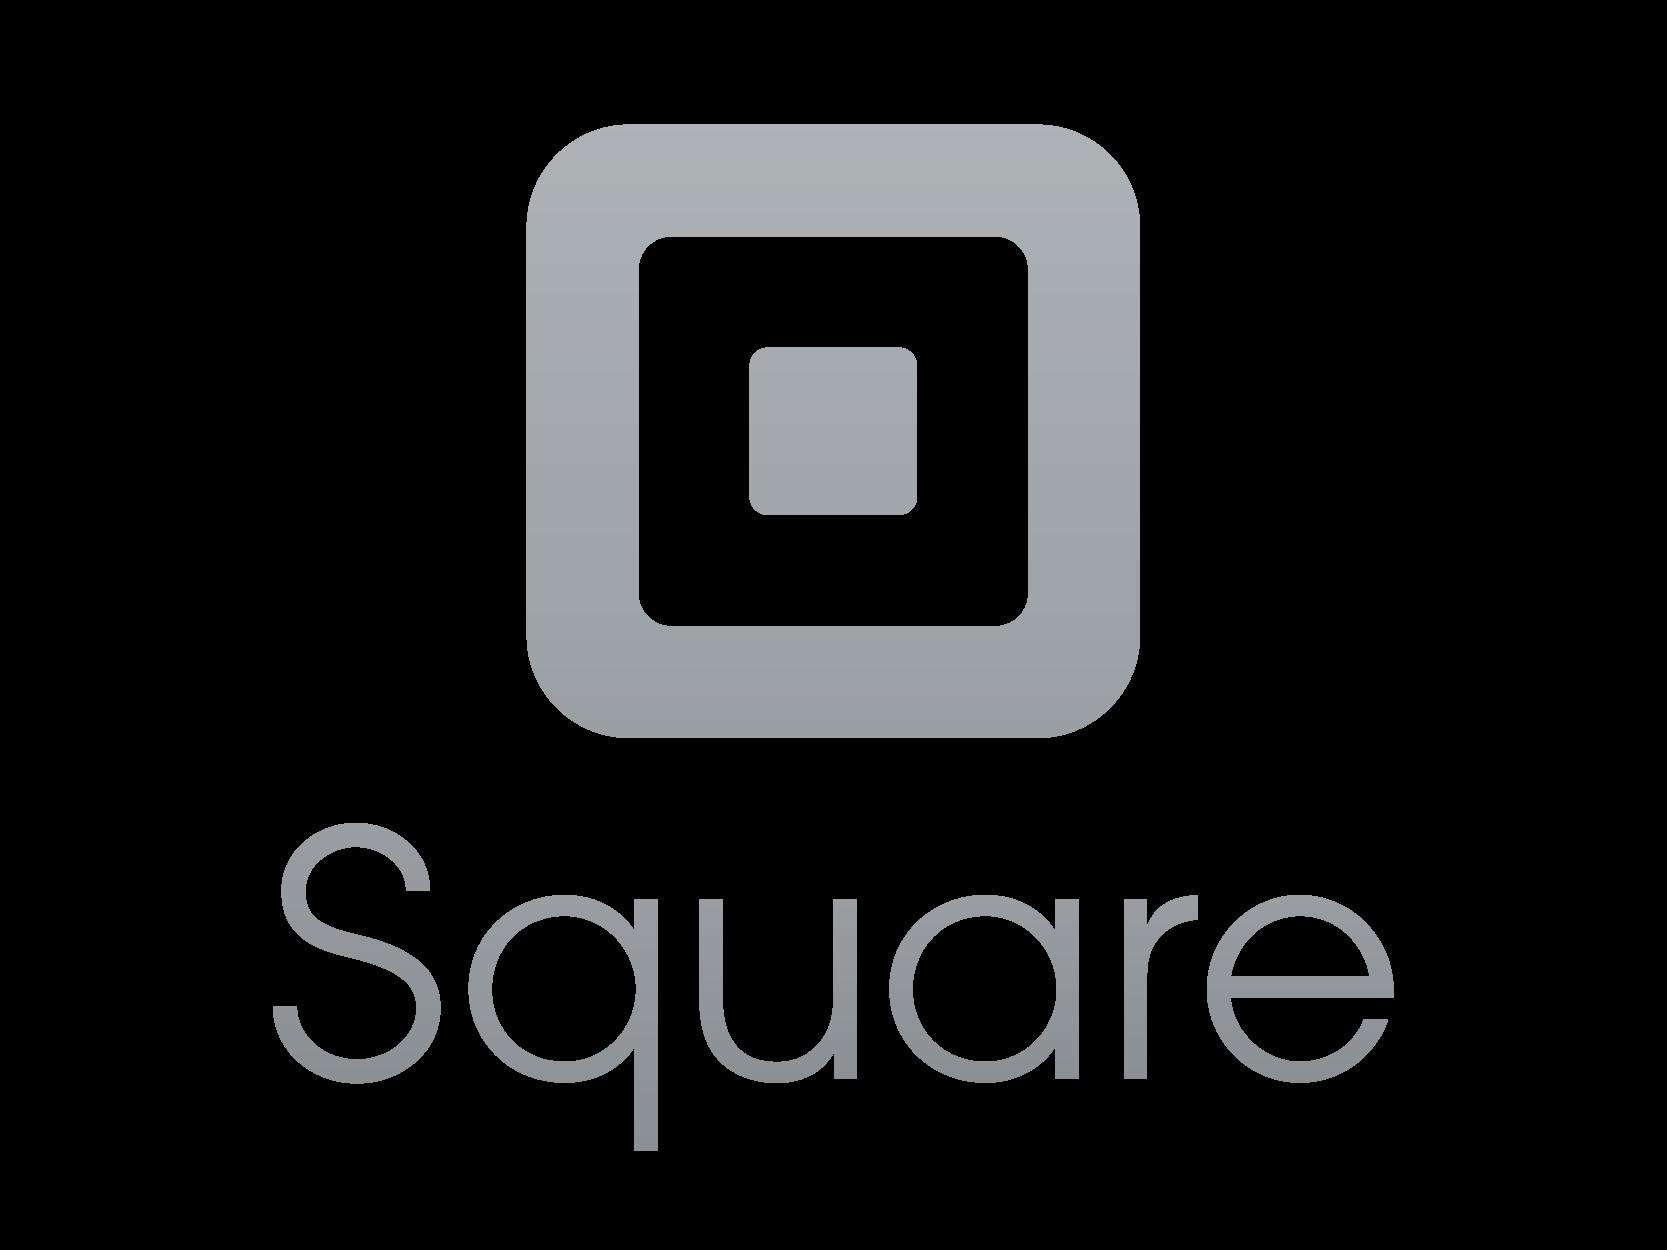 Square App: $1 Debit Account Deposit  Free